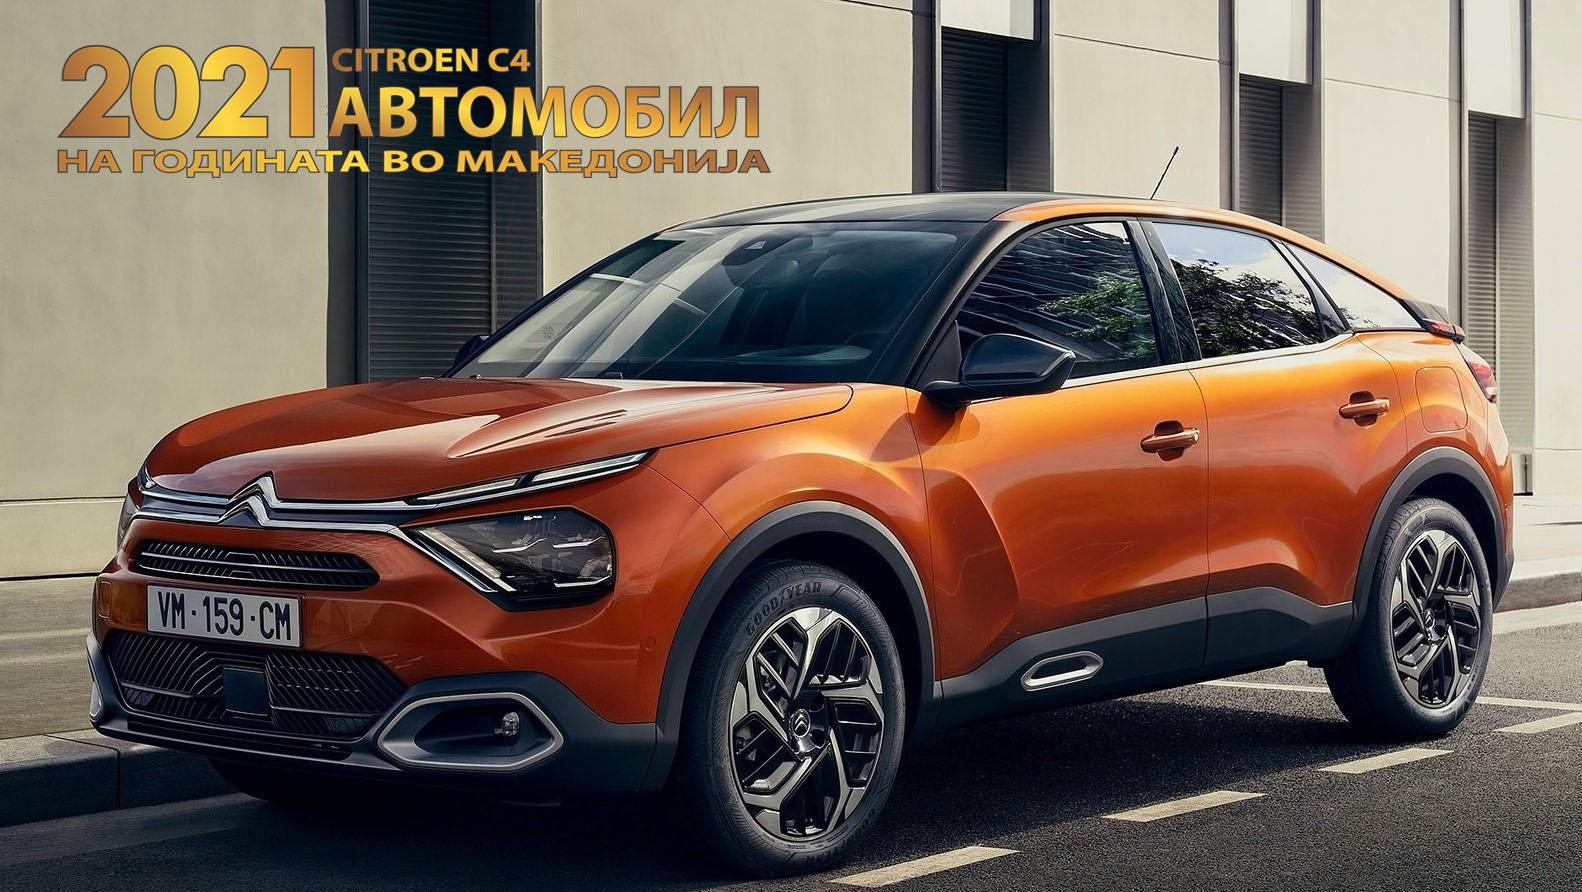 Citroen C4 автомобил на година во Македонија